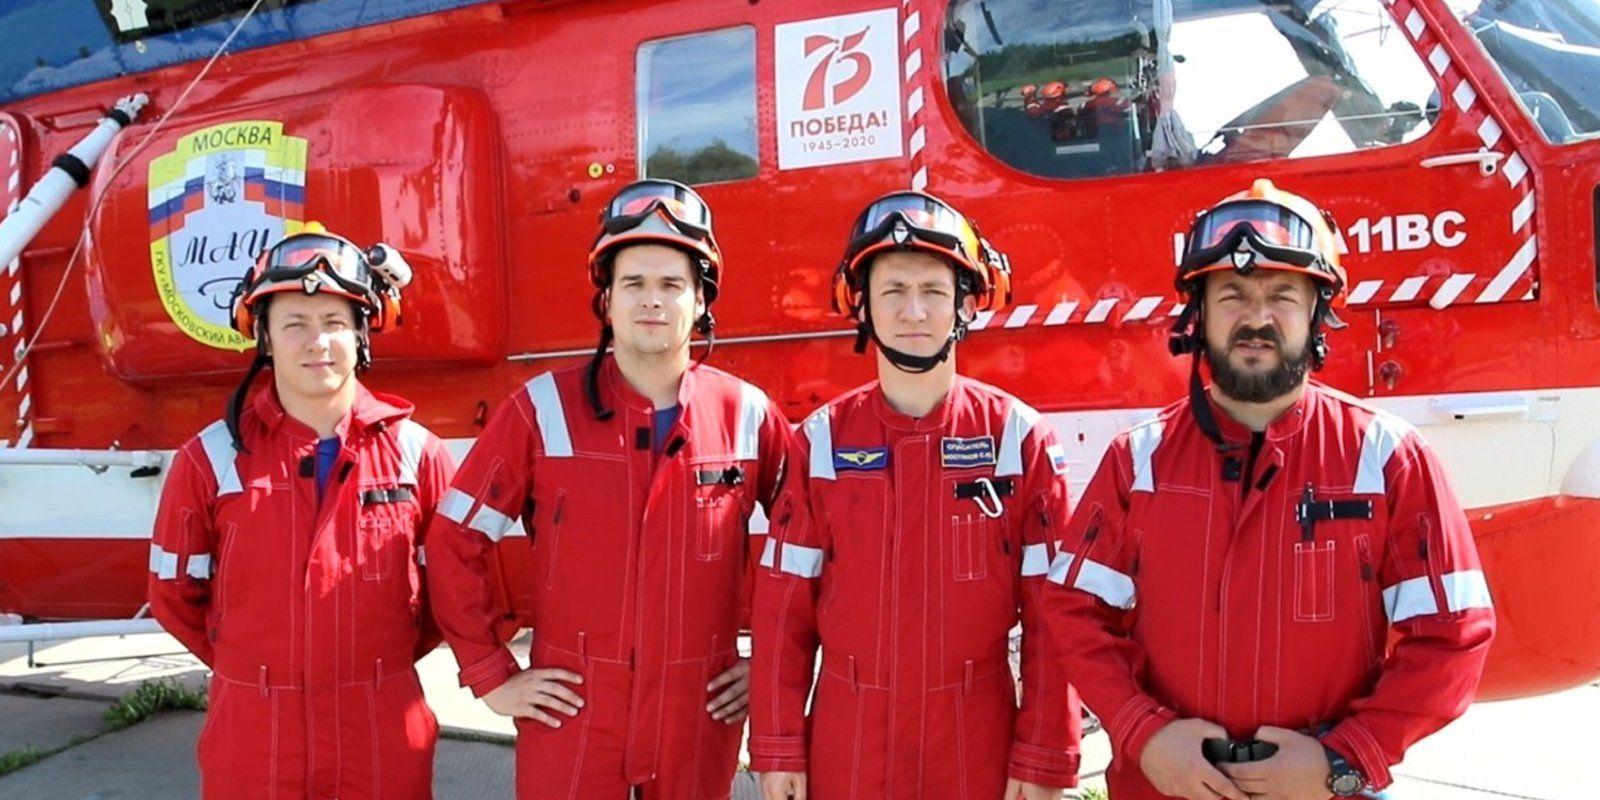 Спасатели Москвыпоздравляютжителейс Днем города